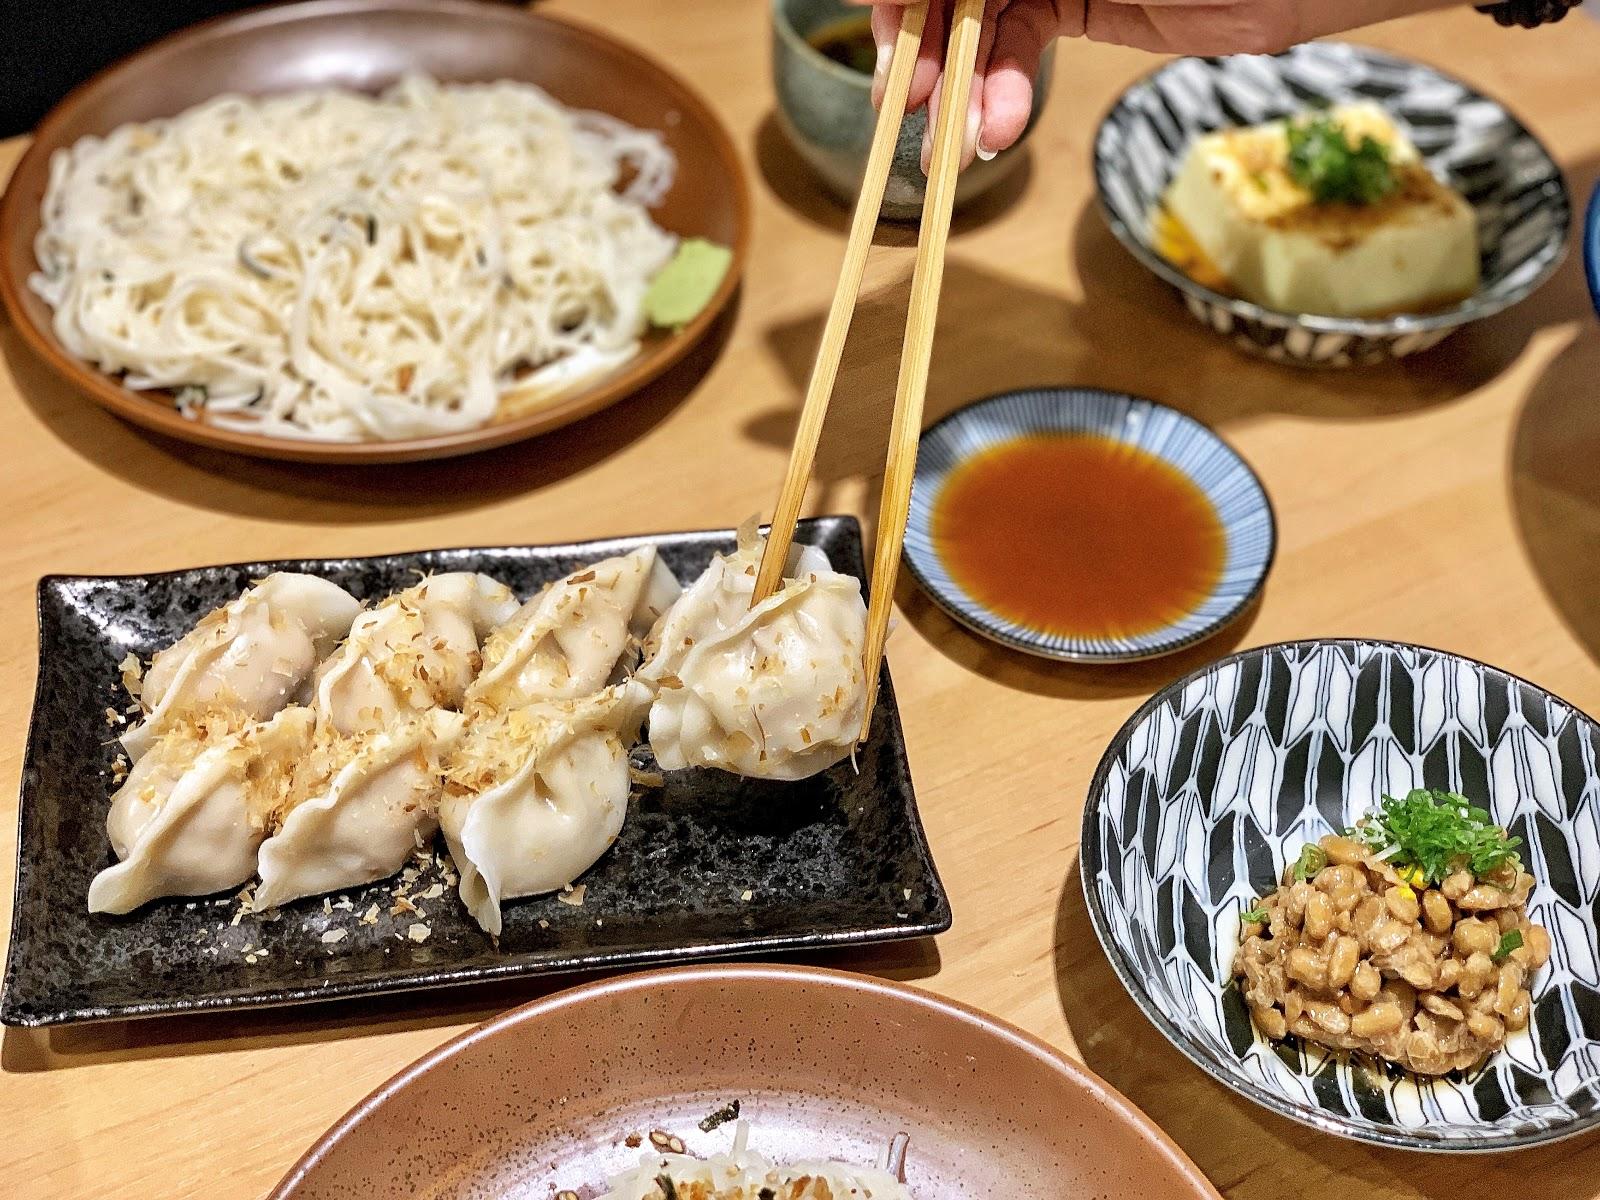 台南南區美食【胡攪蝦餃 金華店】香辣餃子